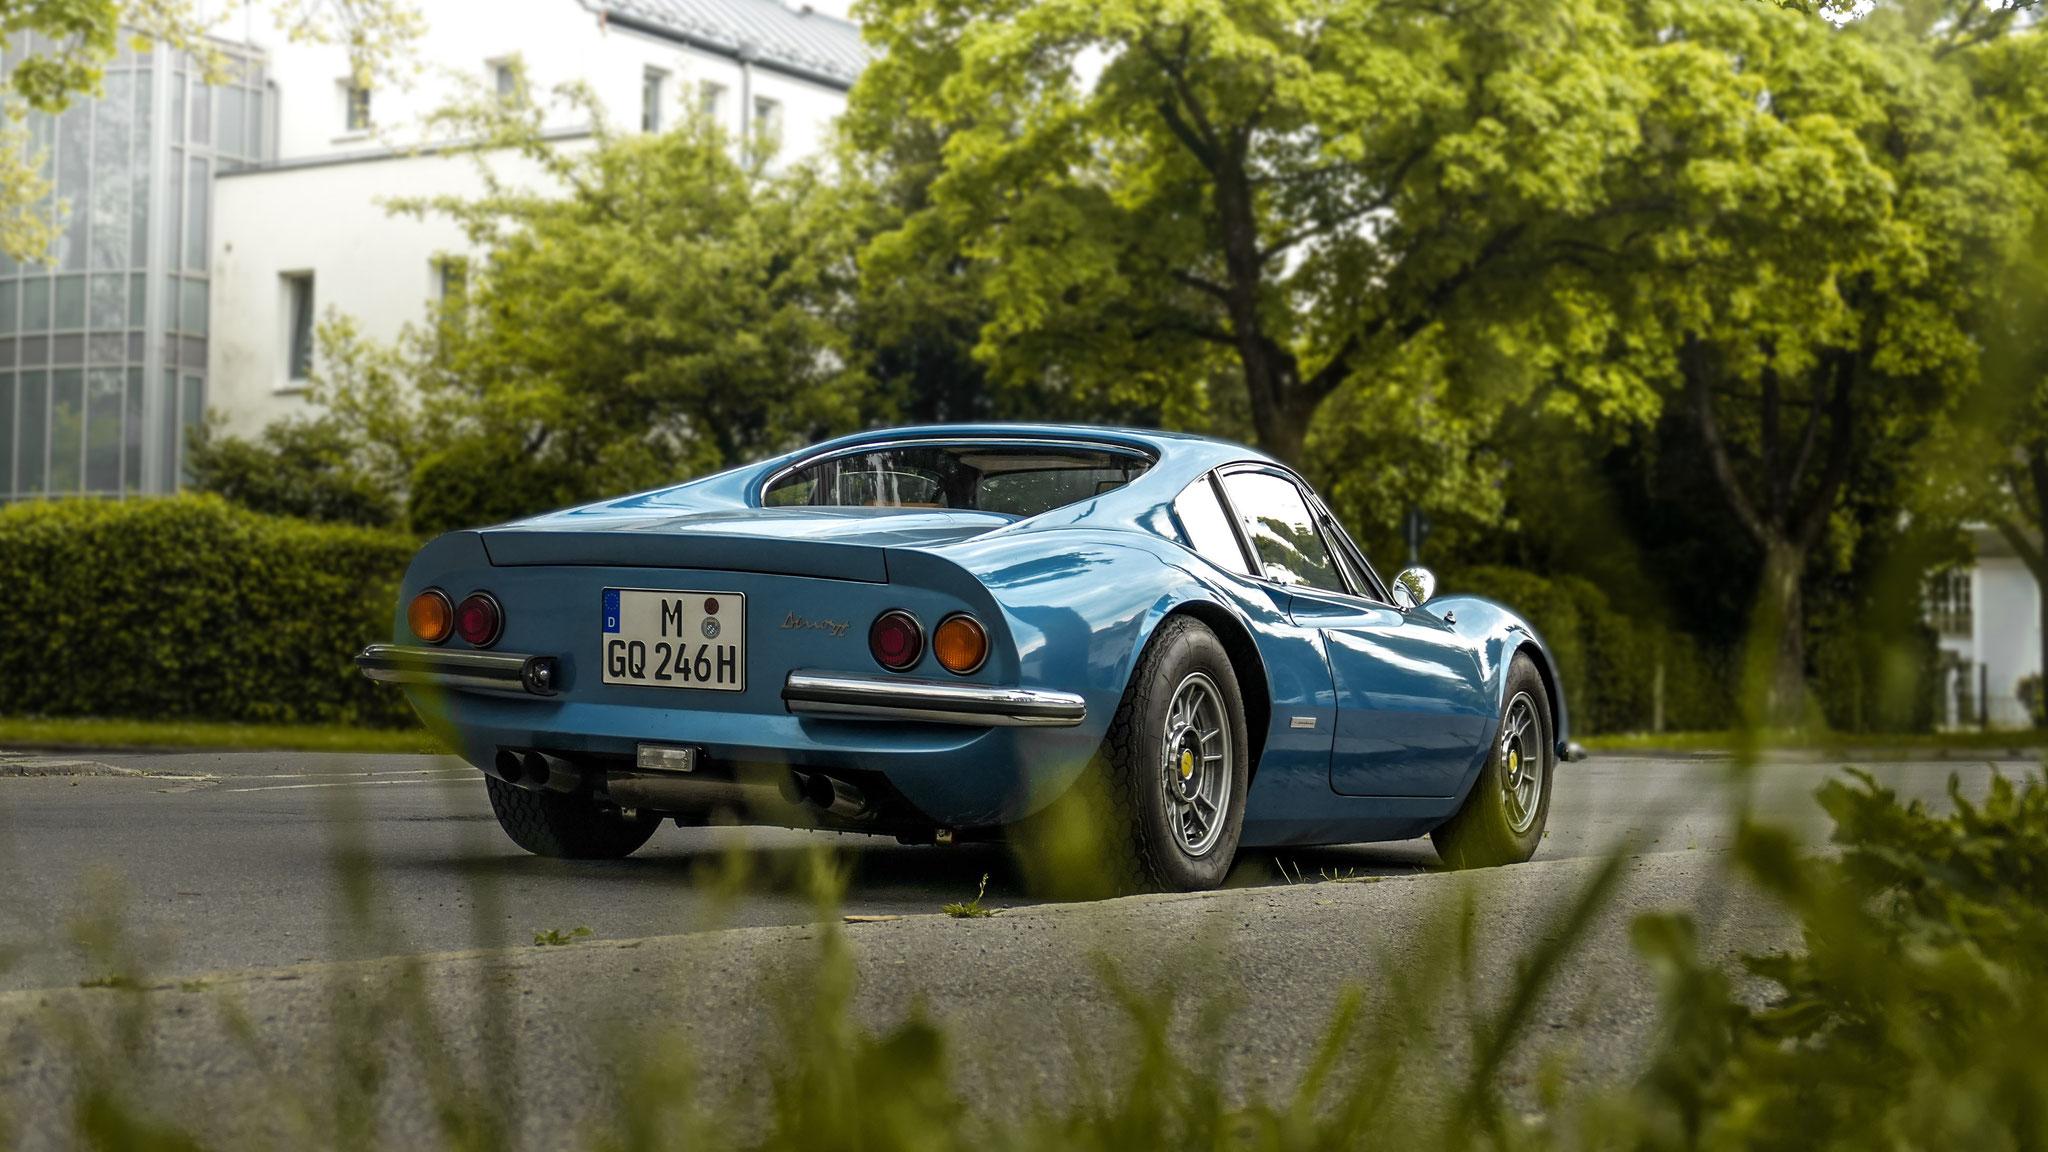 Ferrari Dino 246 - M-GQ-246H